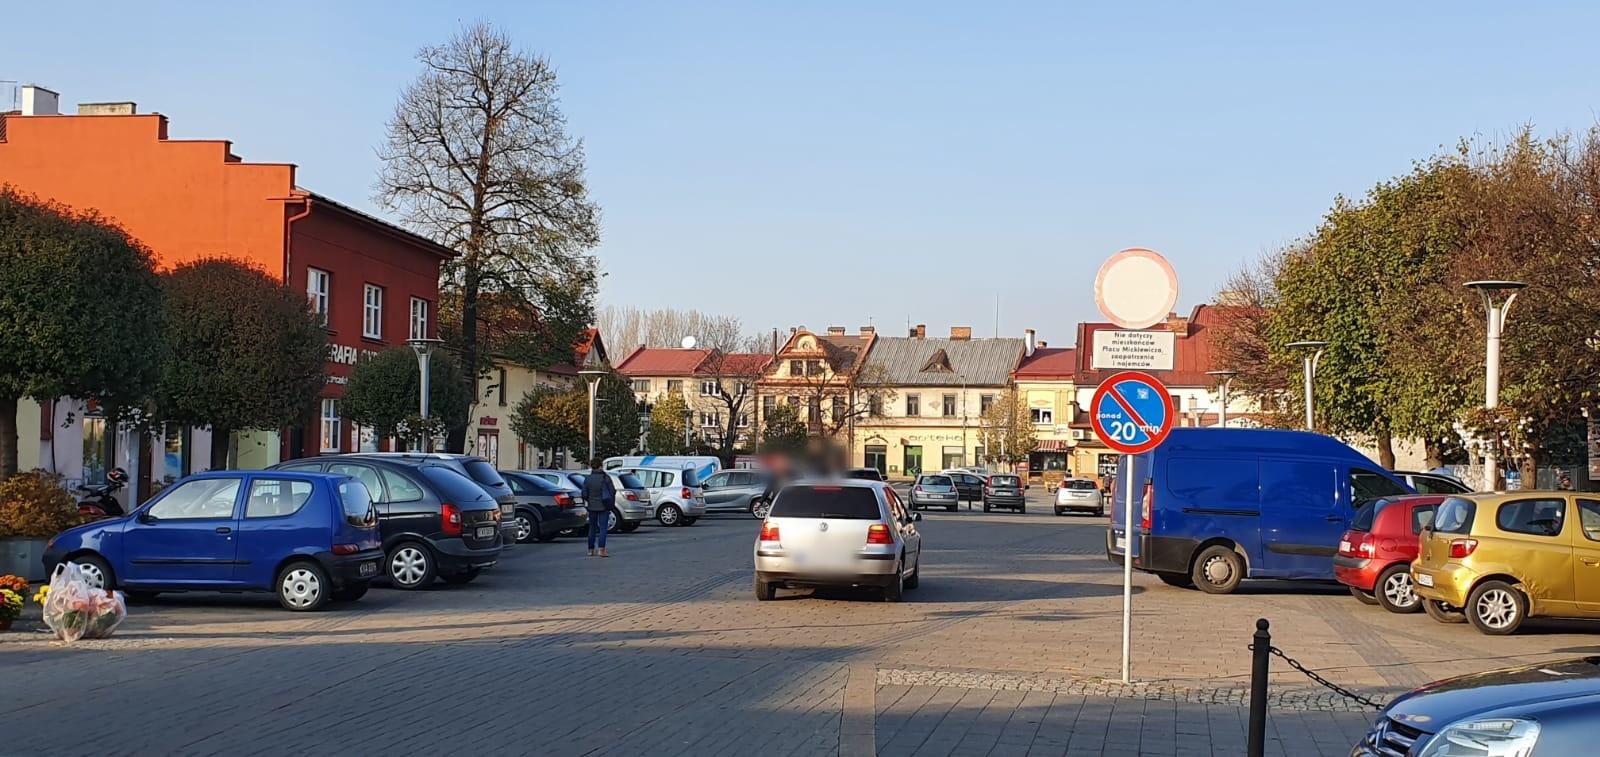 Uwaga z parkowaniem na placu Mickiewicza. Można dostać mandat